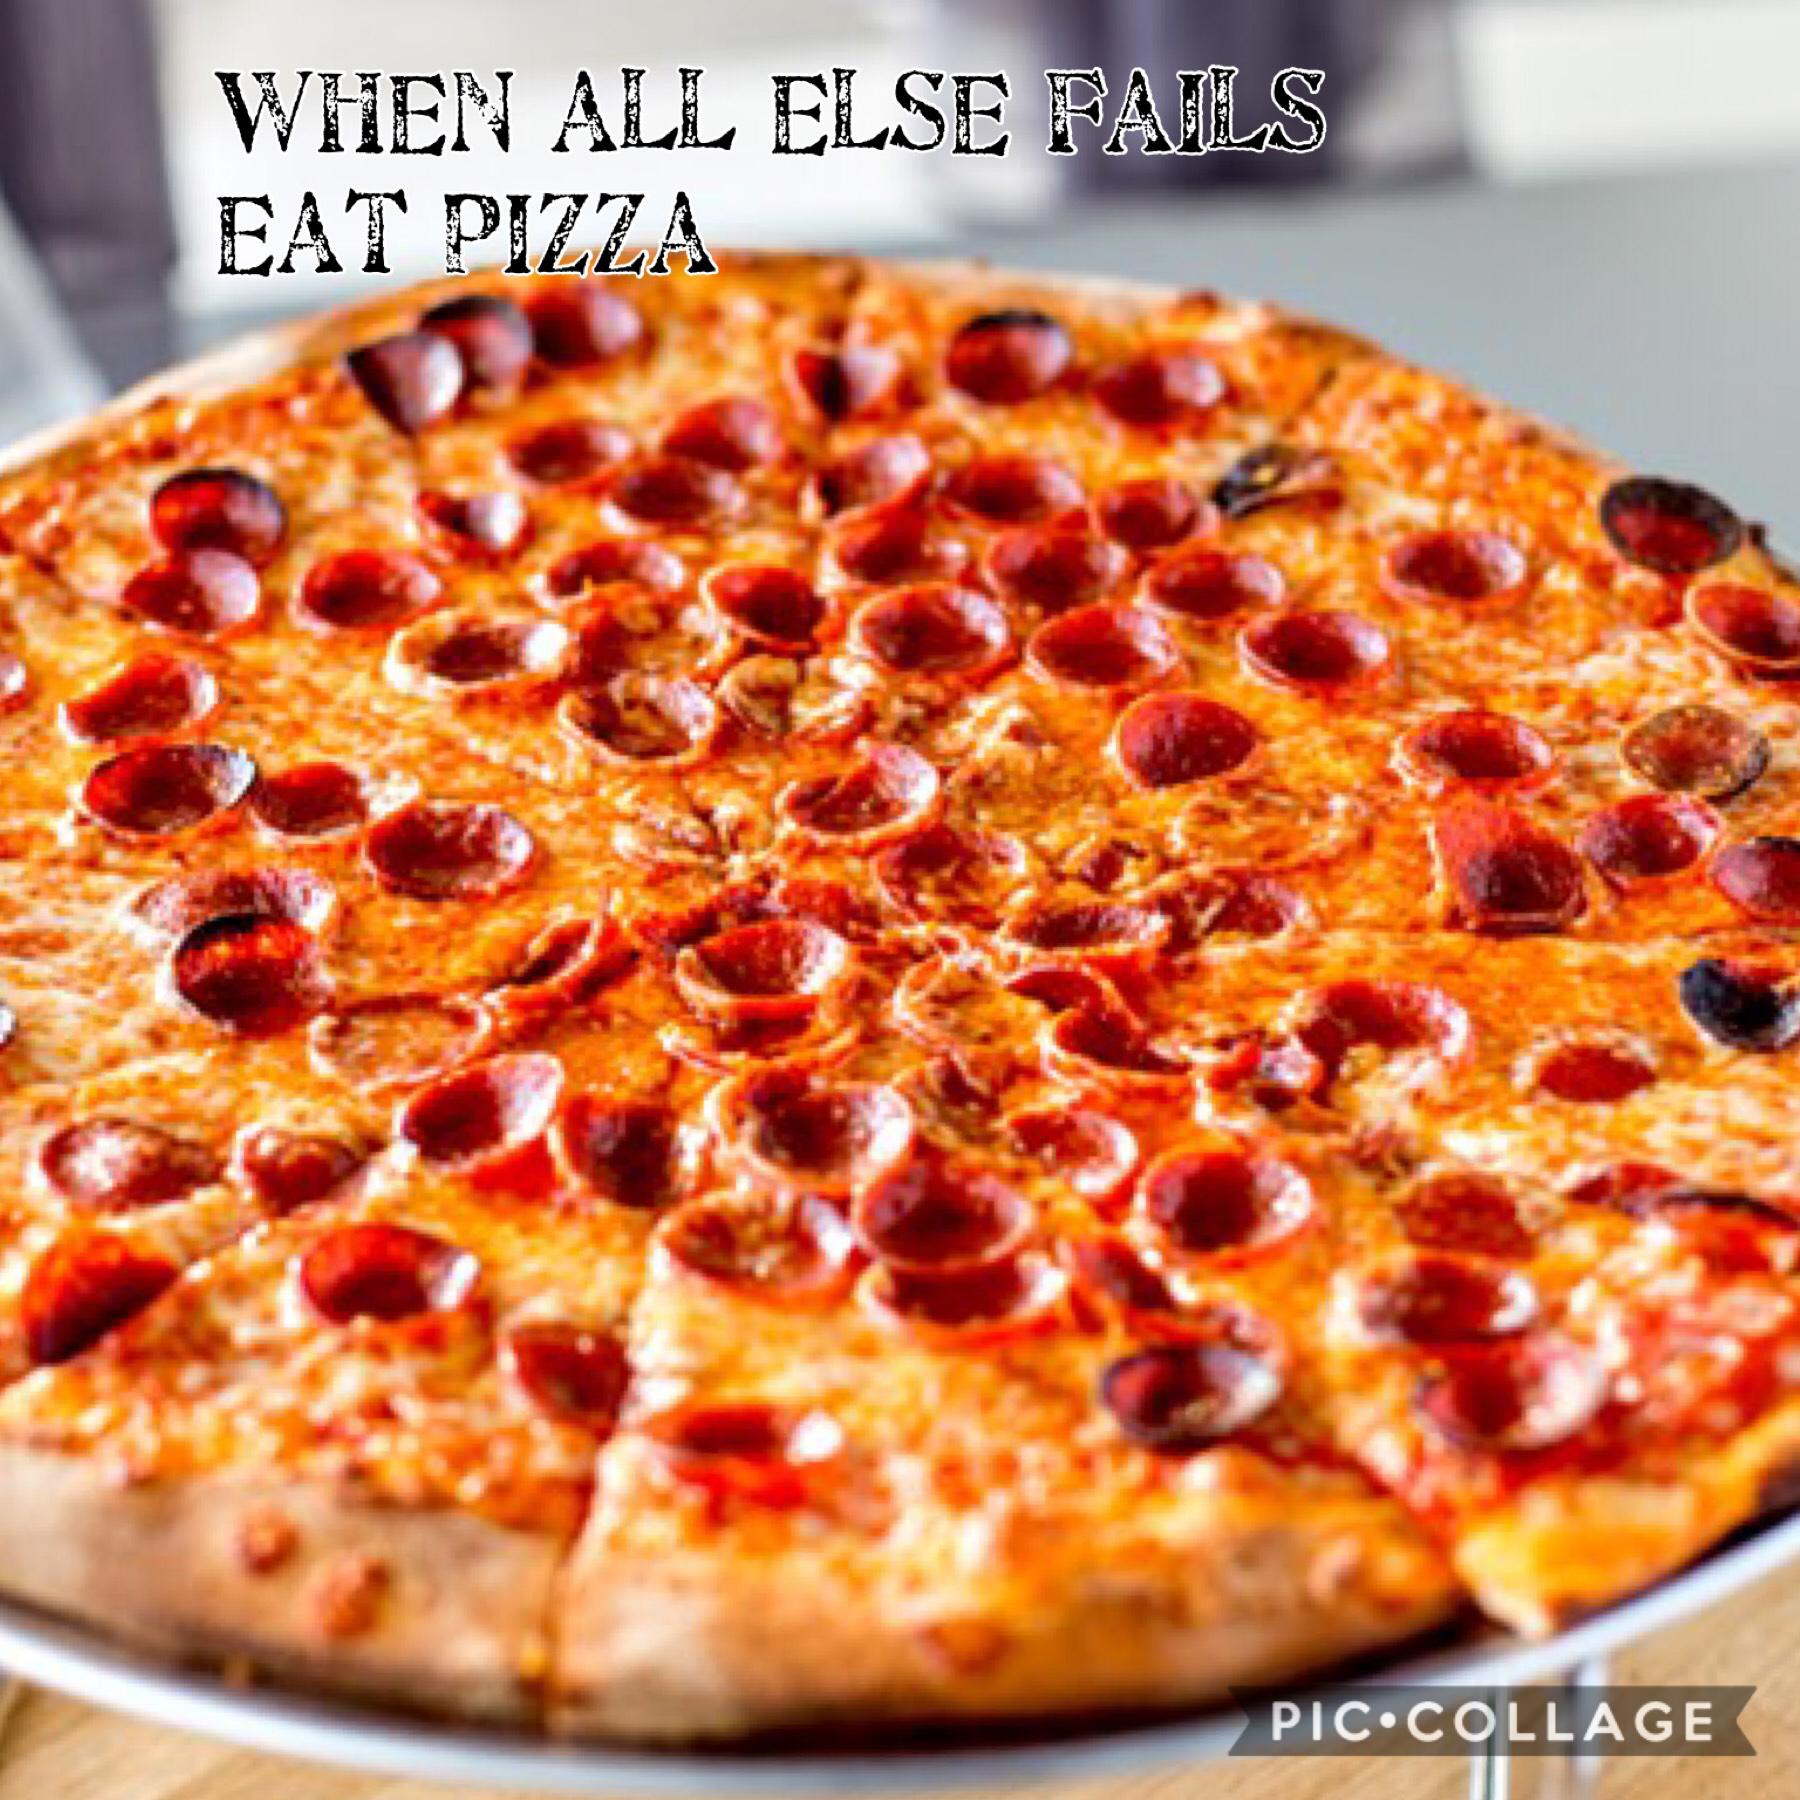 I loooooooooove pizza